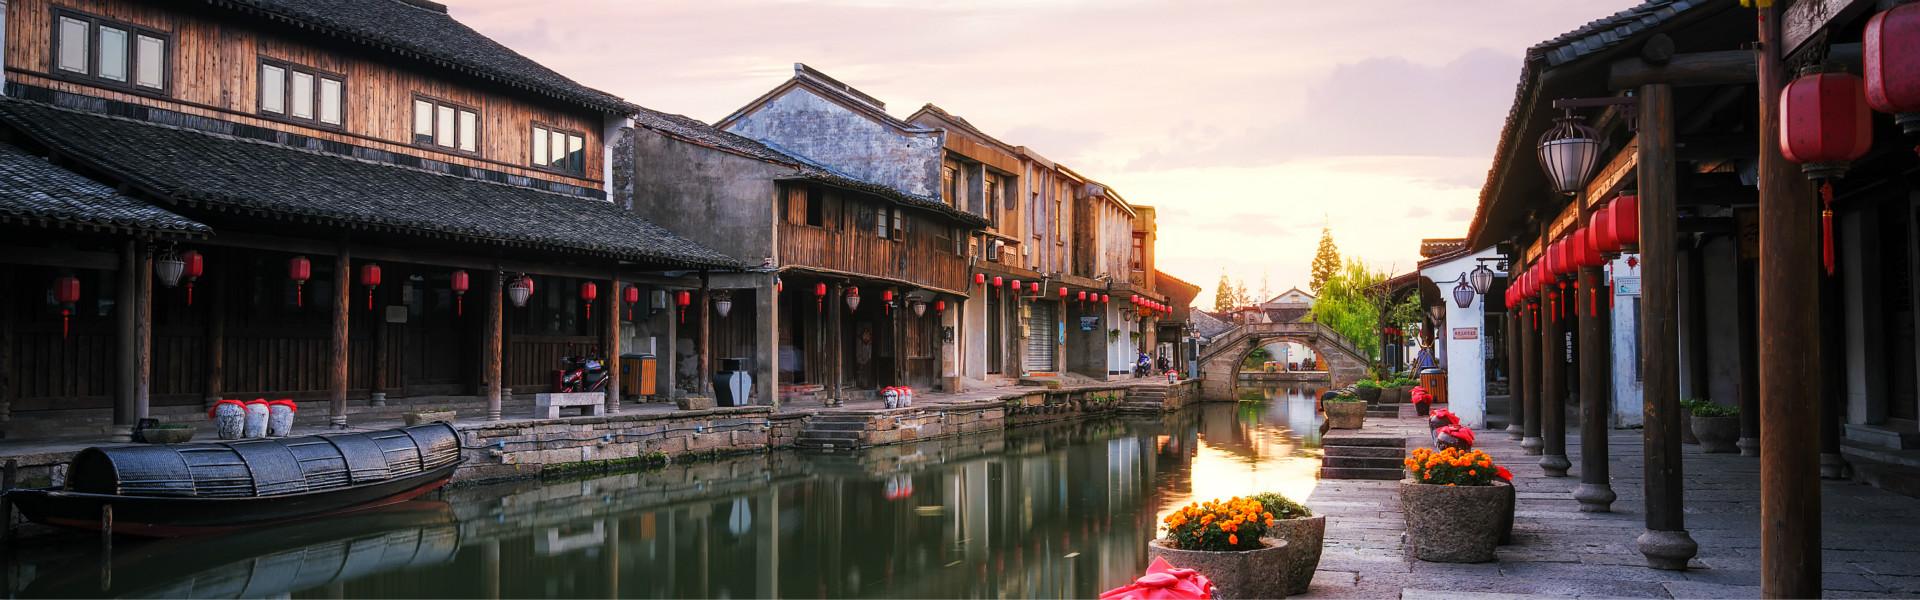 Zhejiang strides toward common prosperity